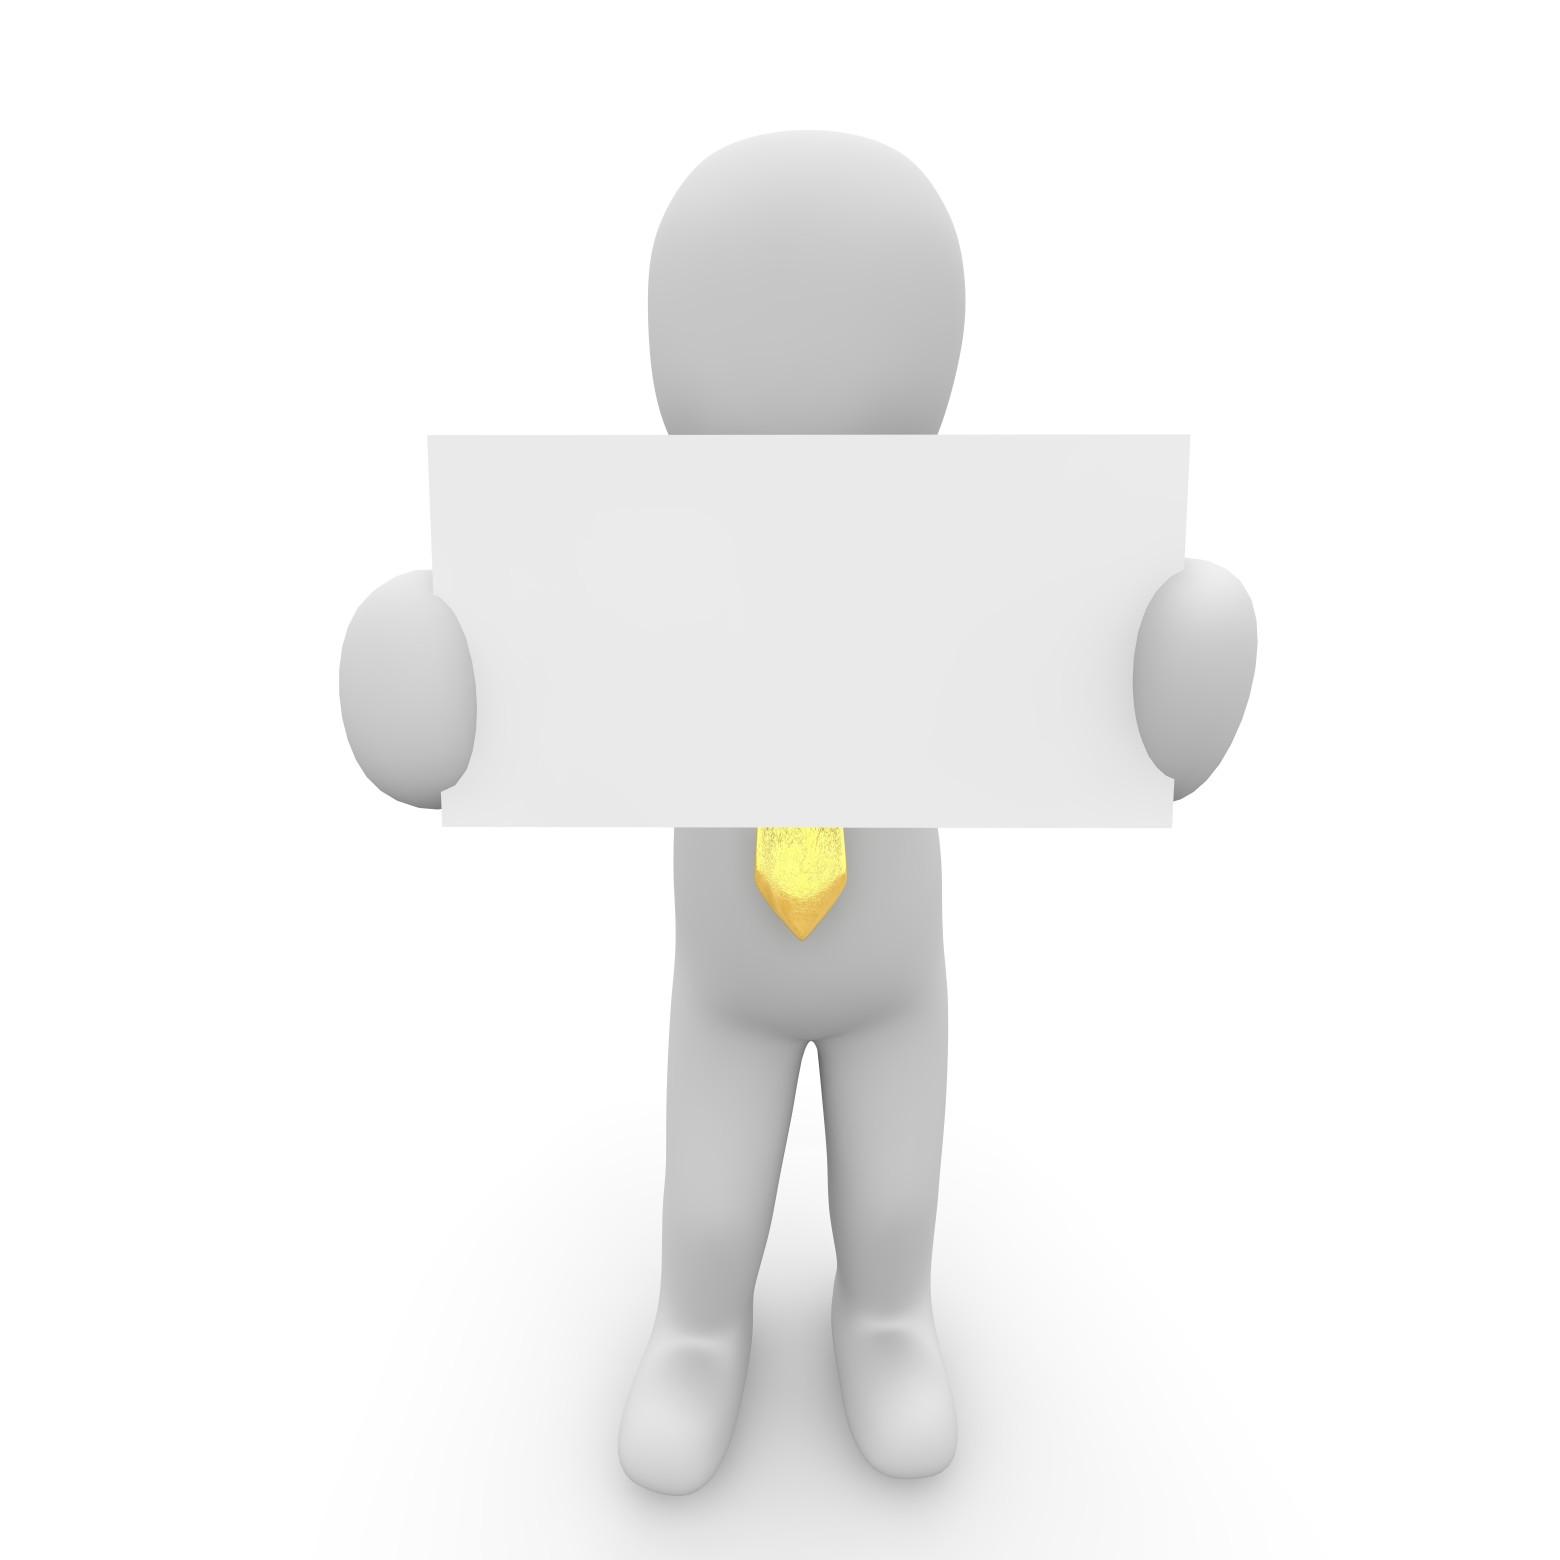 un homme et une pancarte blanche images gratuites et libres de droits. Black Bedroom Furniture Sets. Home Design Ideas